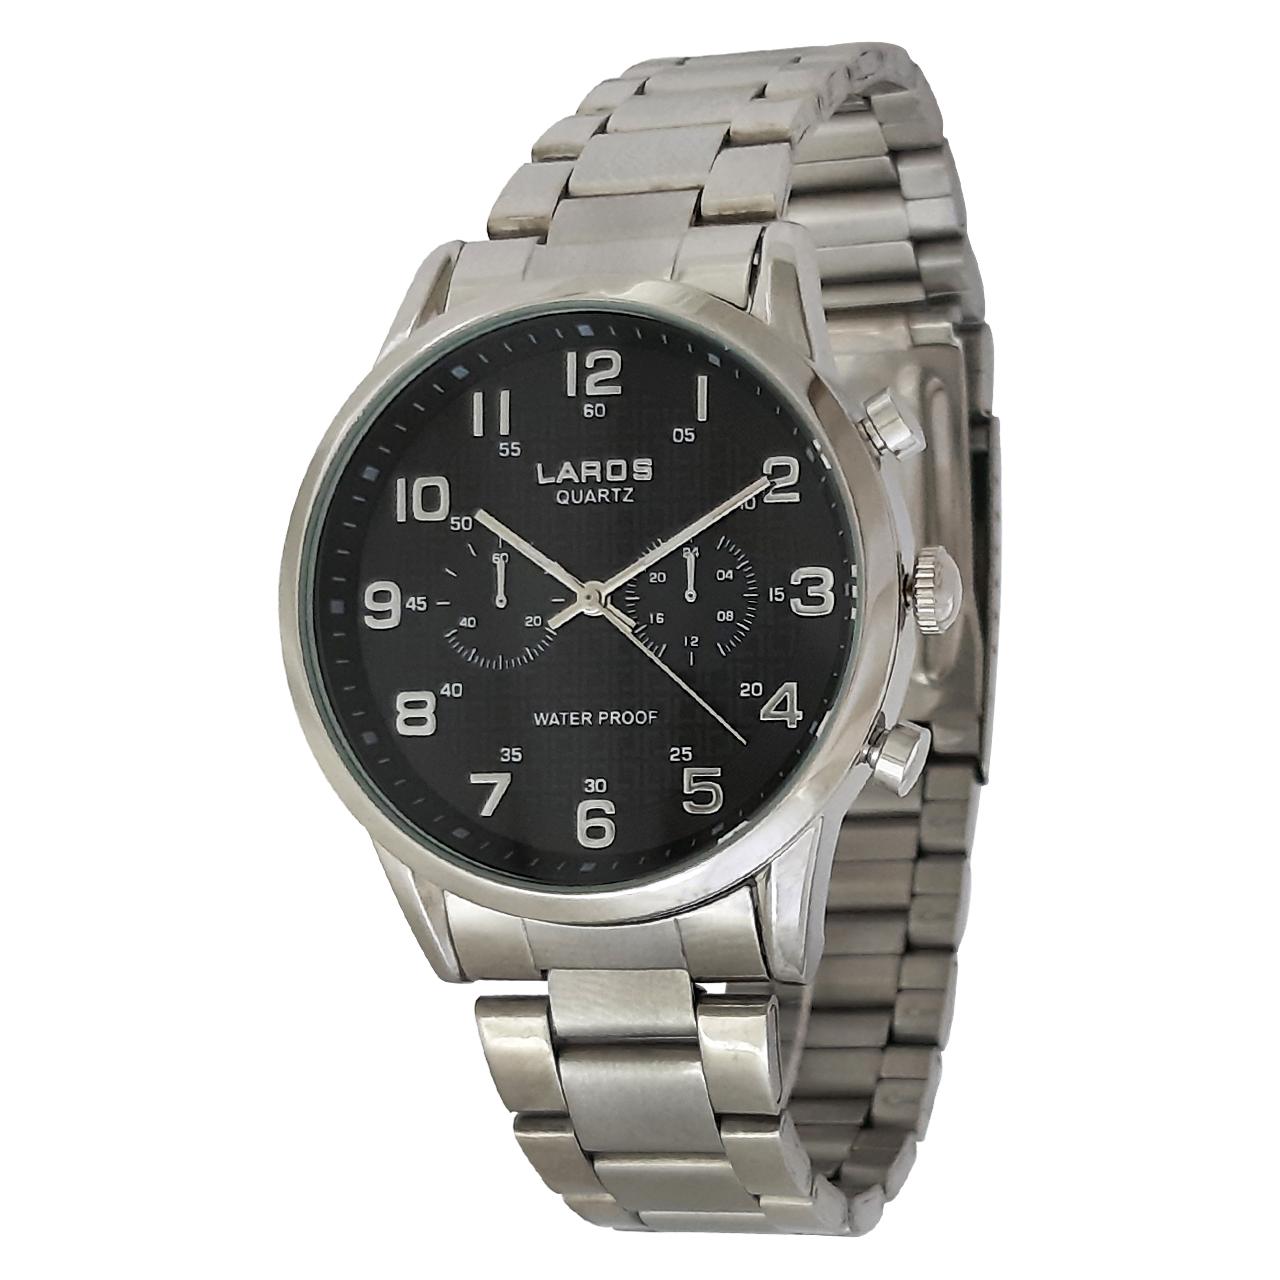 ساعت مچی عقربه ای مردانه لاروس مدل0917-80095 به همراه دستمال مخصوص برند کلین واچ 35